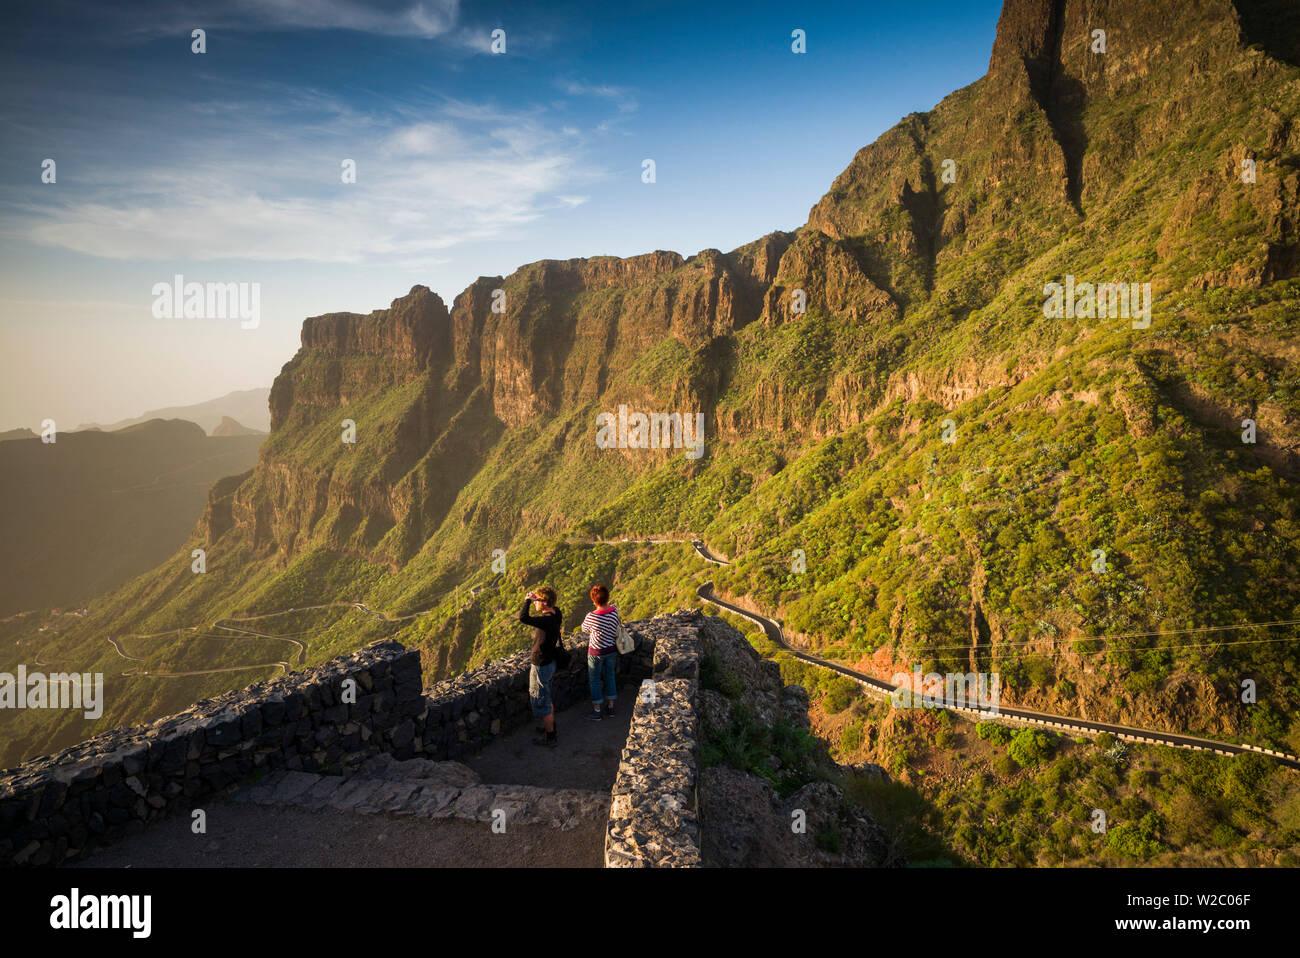 Spanien, Kanarische Inseln, Teneriffa, Masca, erhöhten Blick auf die Bergstraße Stockbild